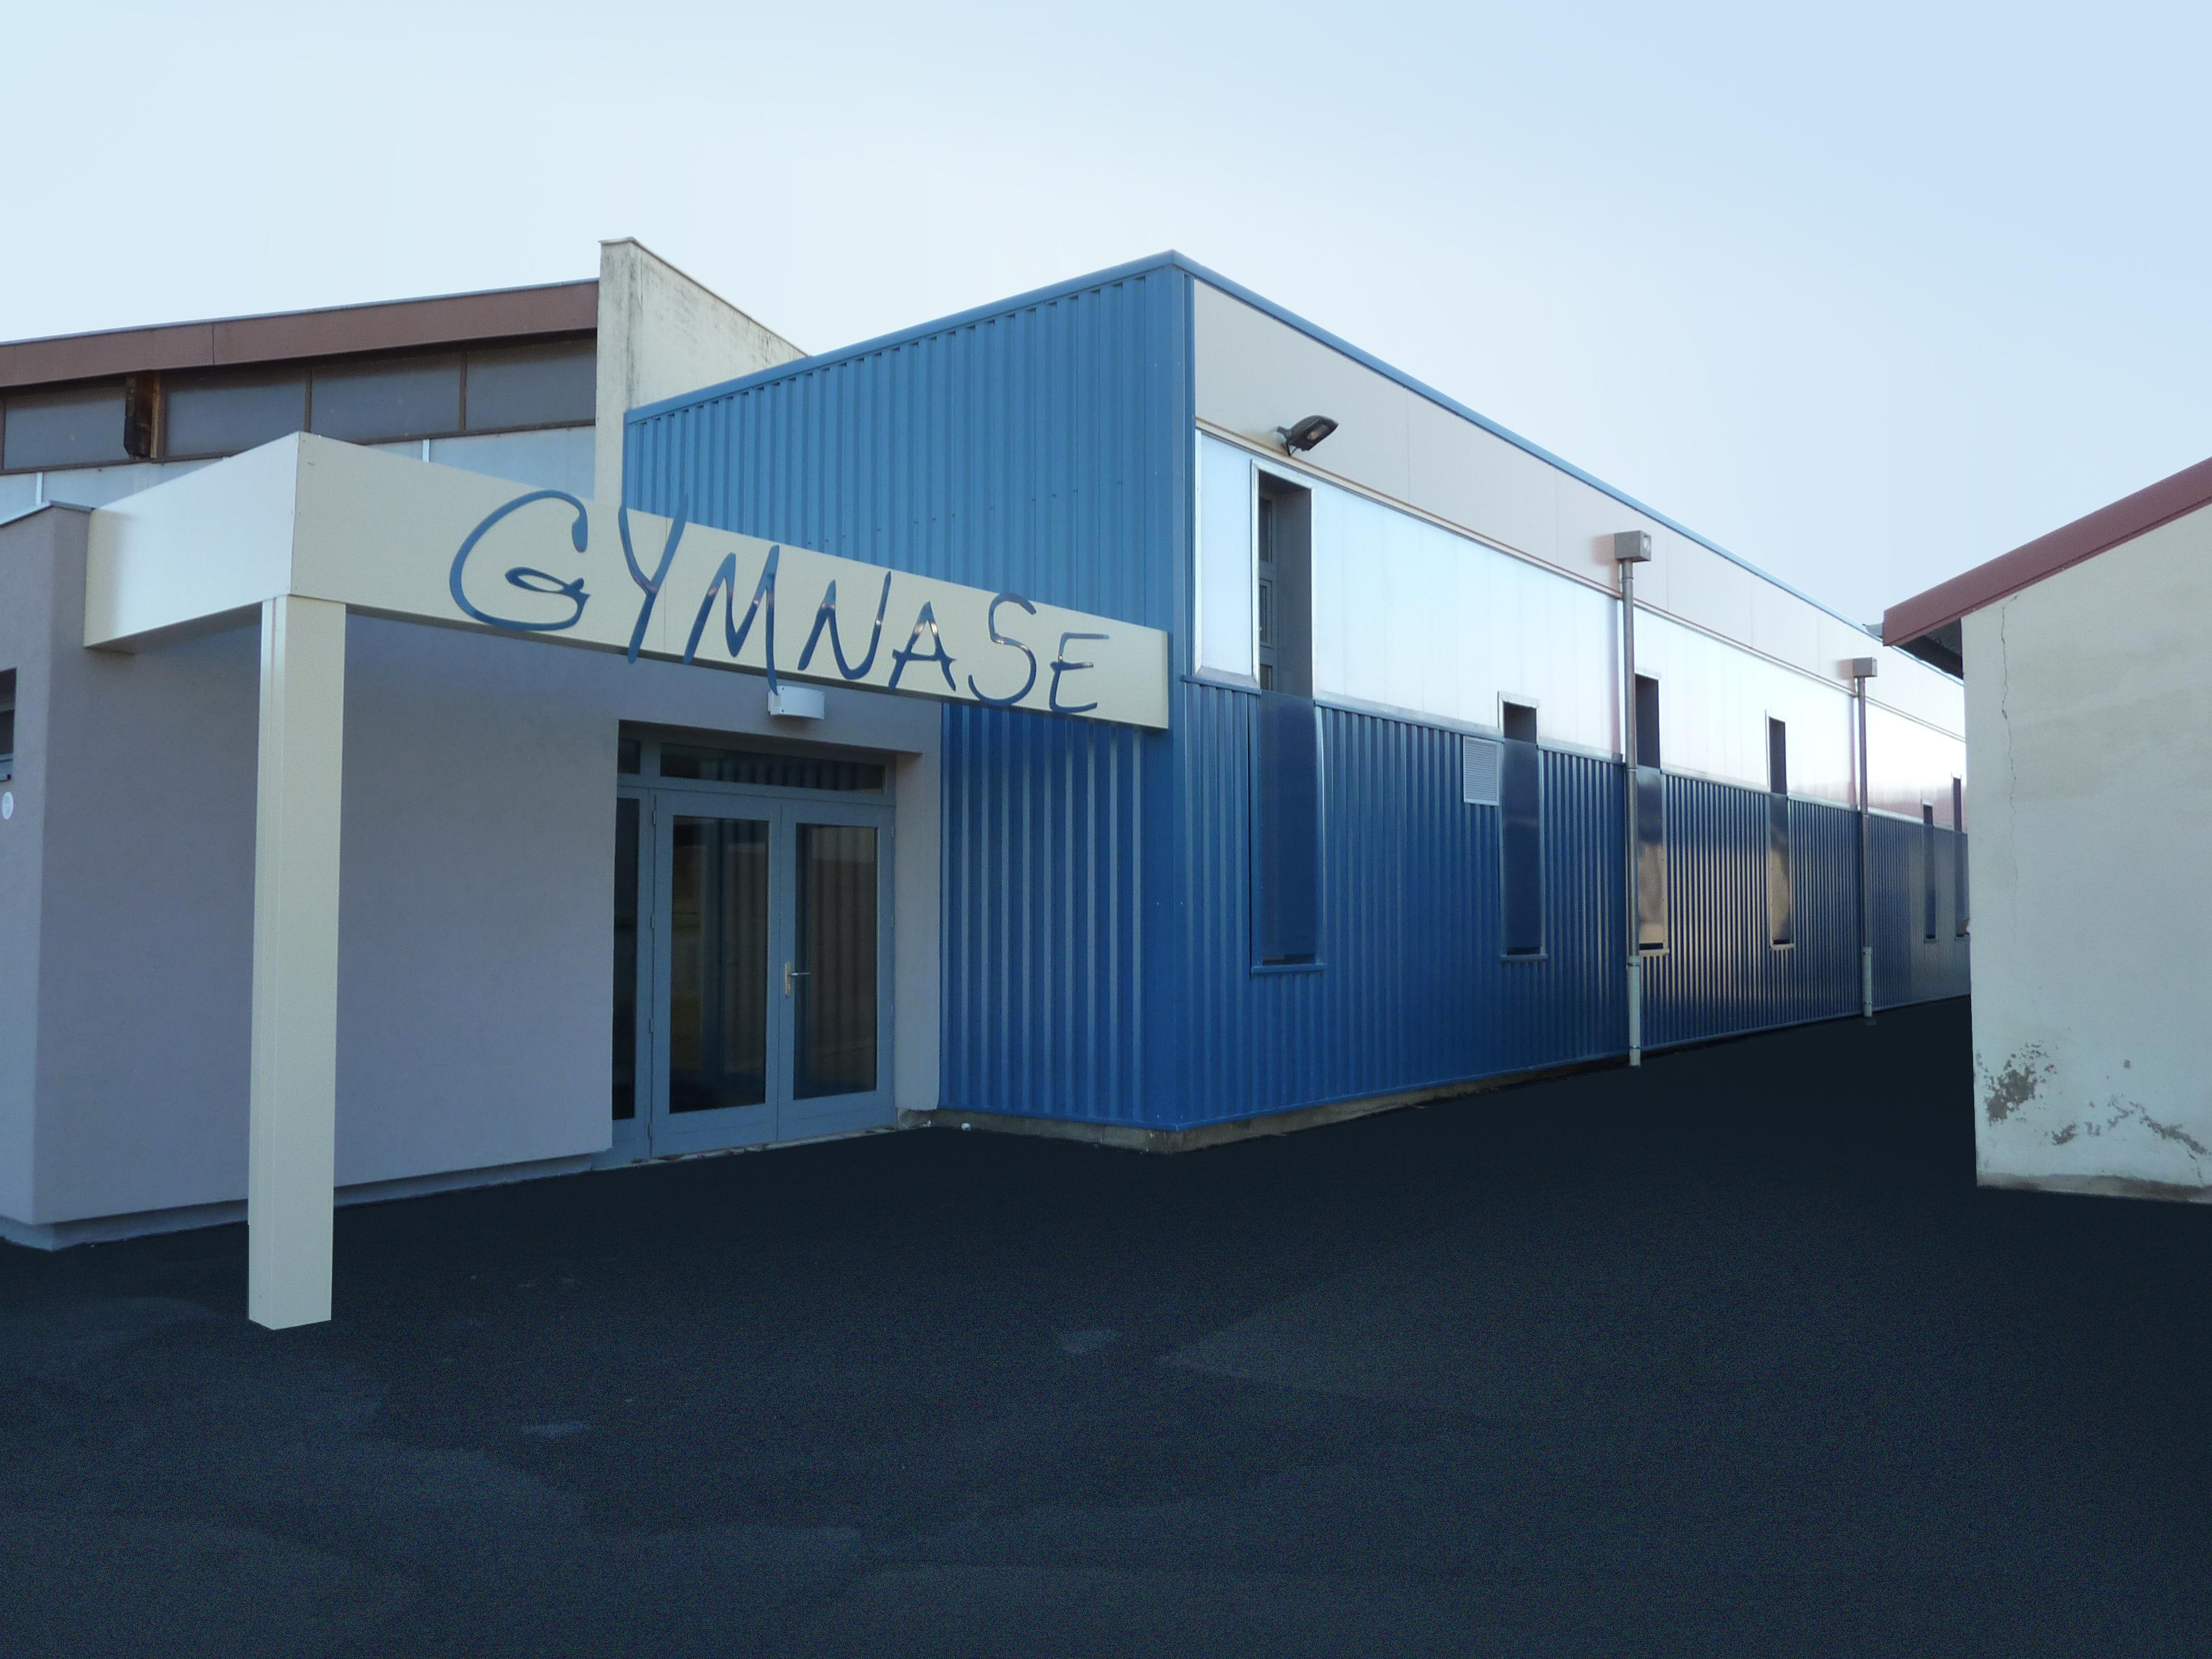 Salle de gymnastique à Cuisery (71)